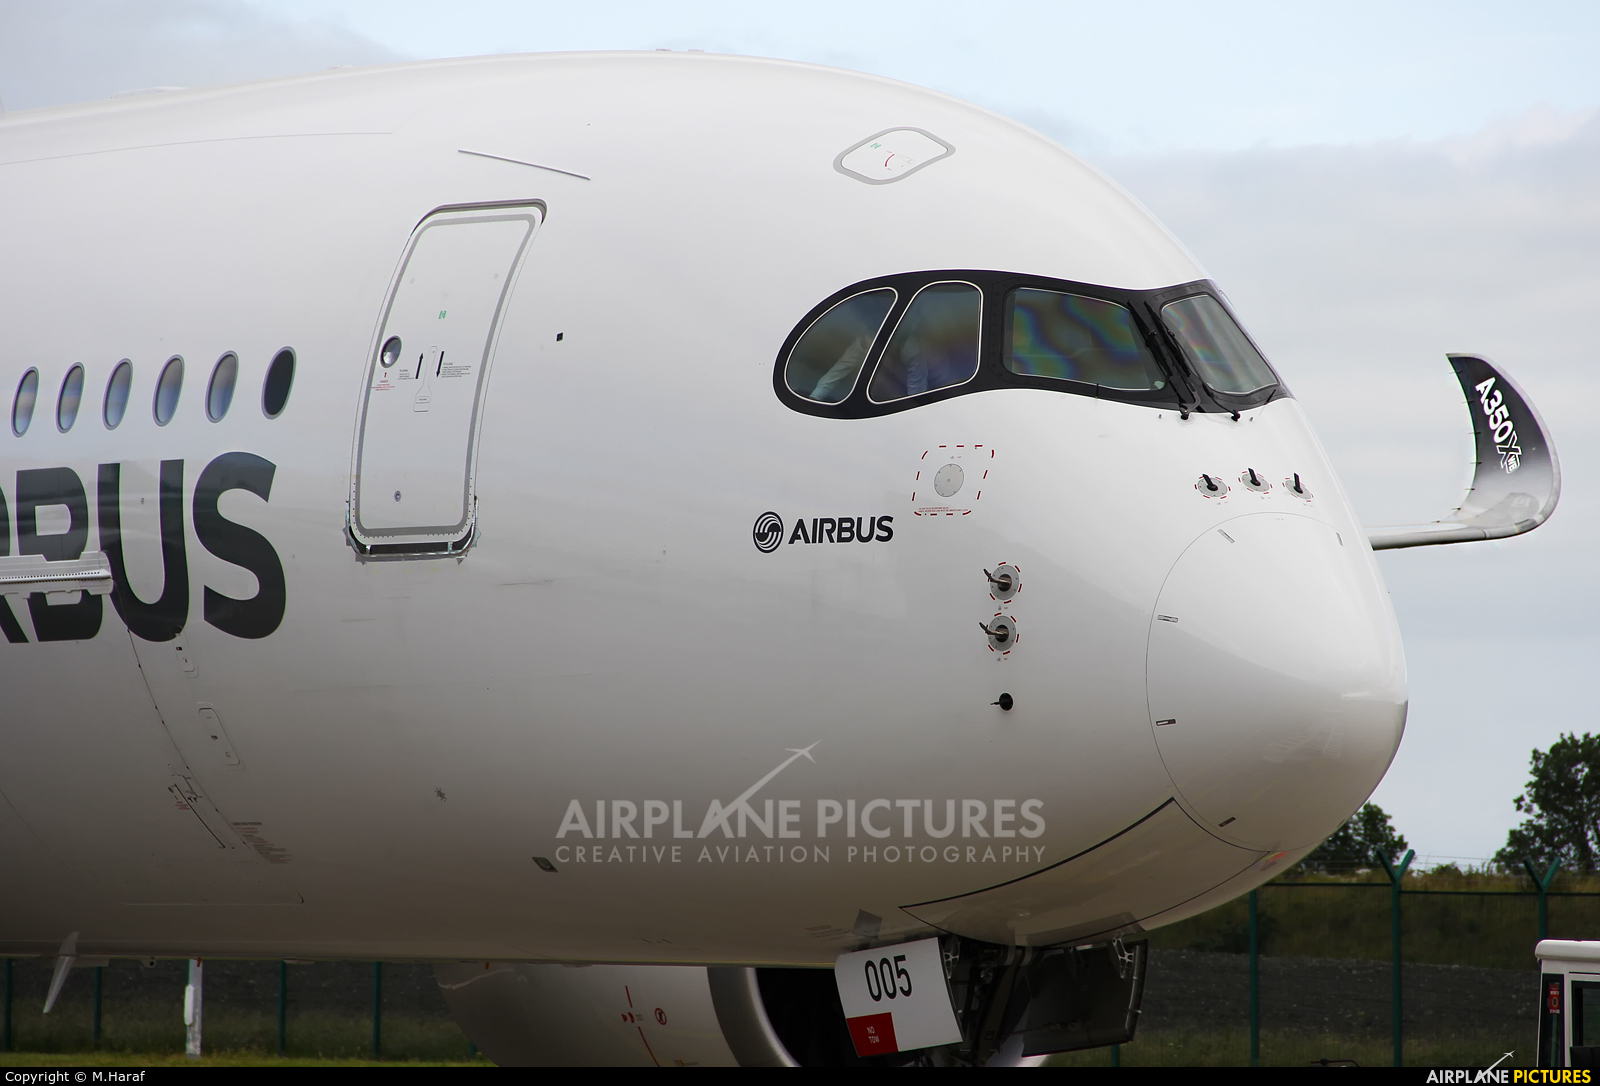 Airbus Industrie F-WWYB aircraft at Dublin